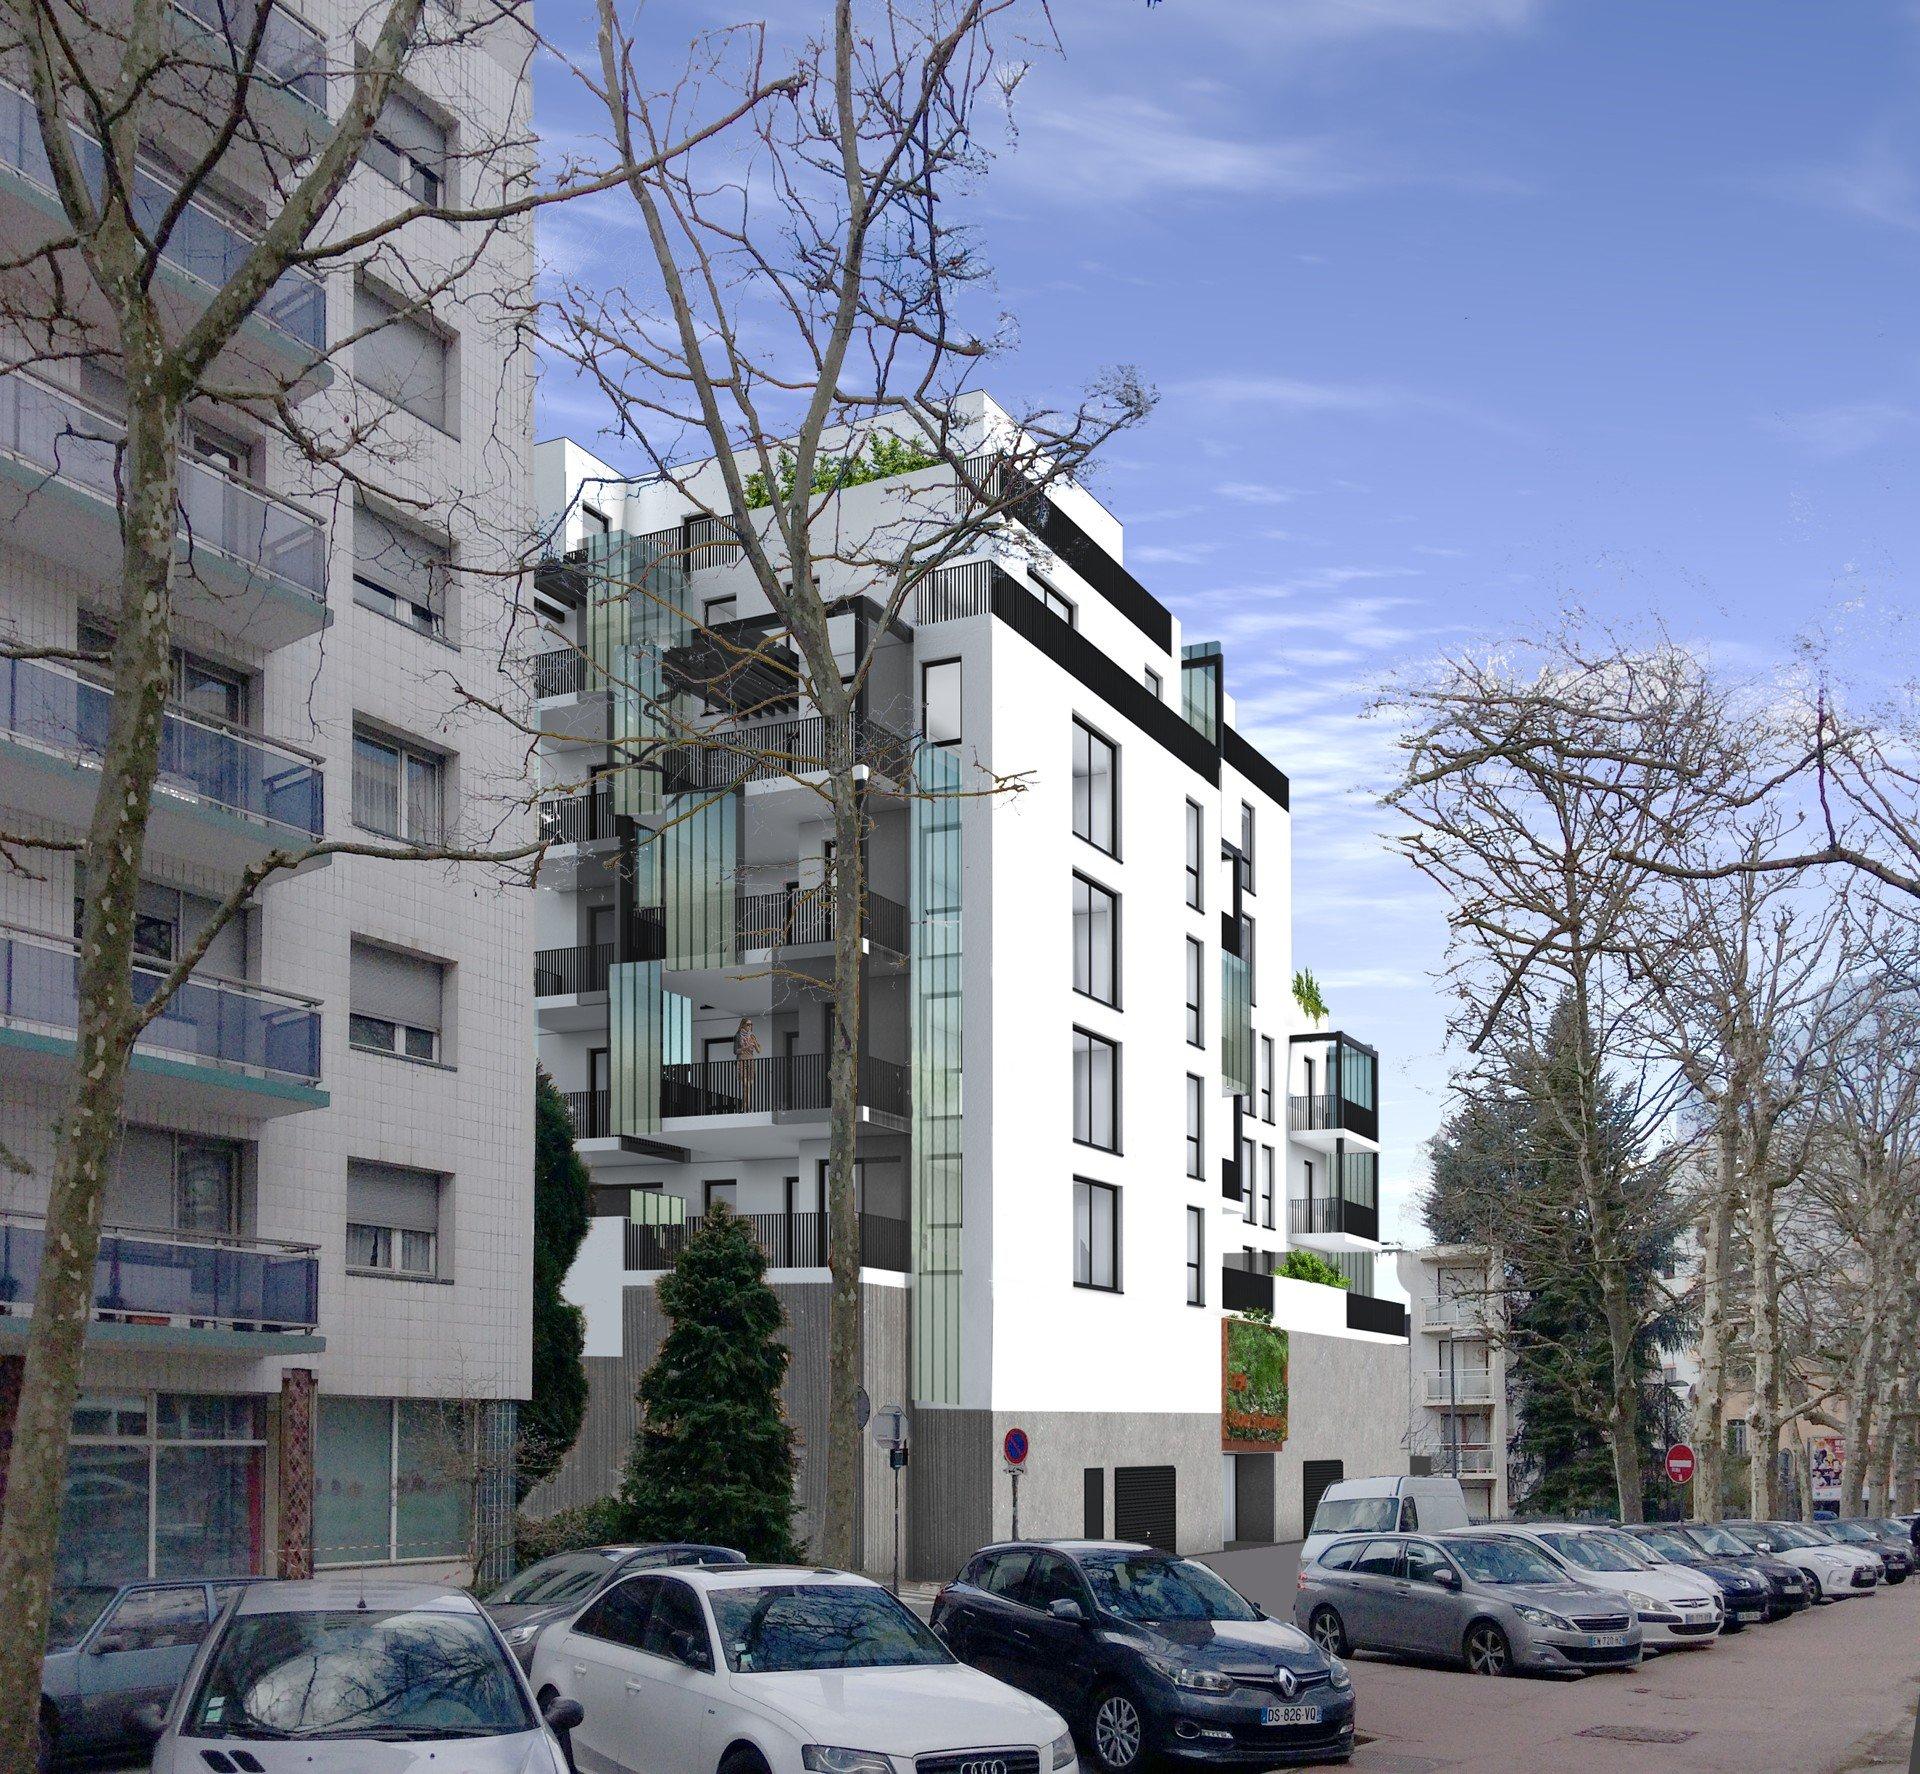 Immeuble de logements en cours d'étude situé cours Fauriel à St-Etienne